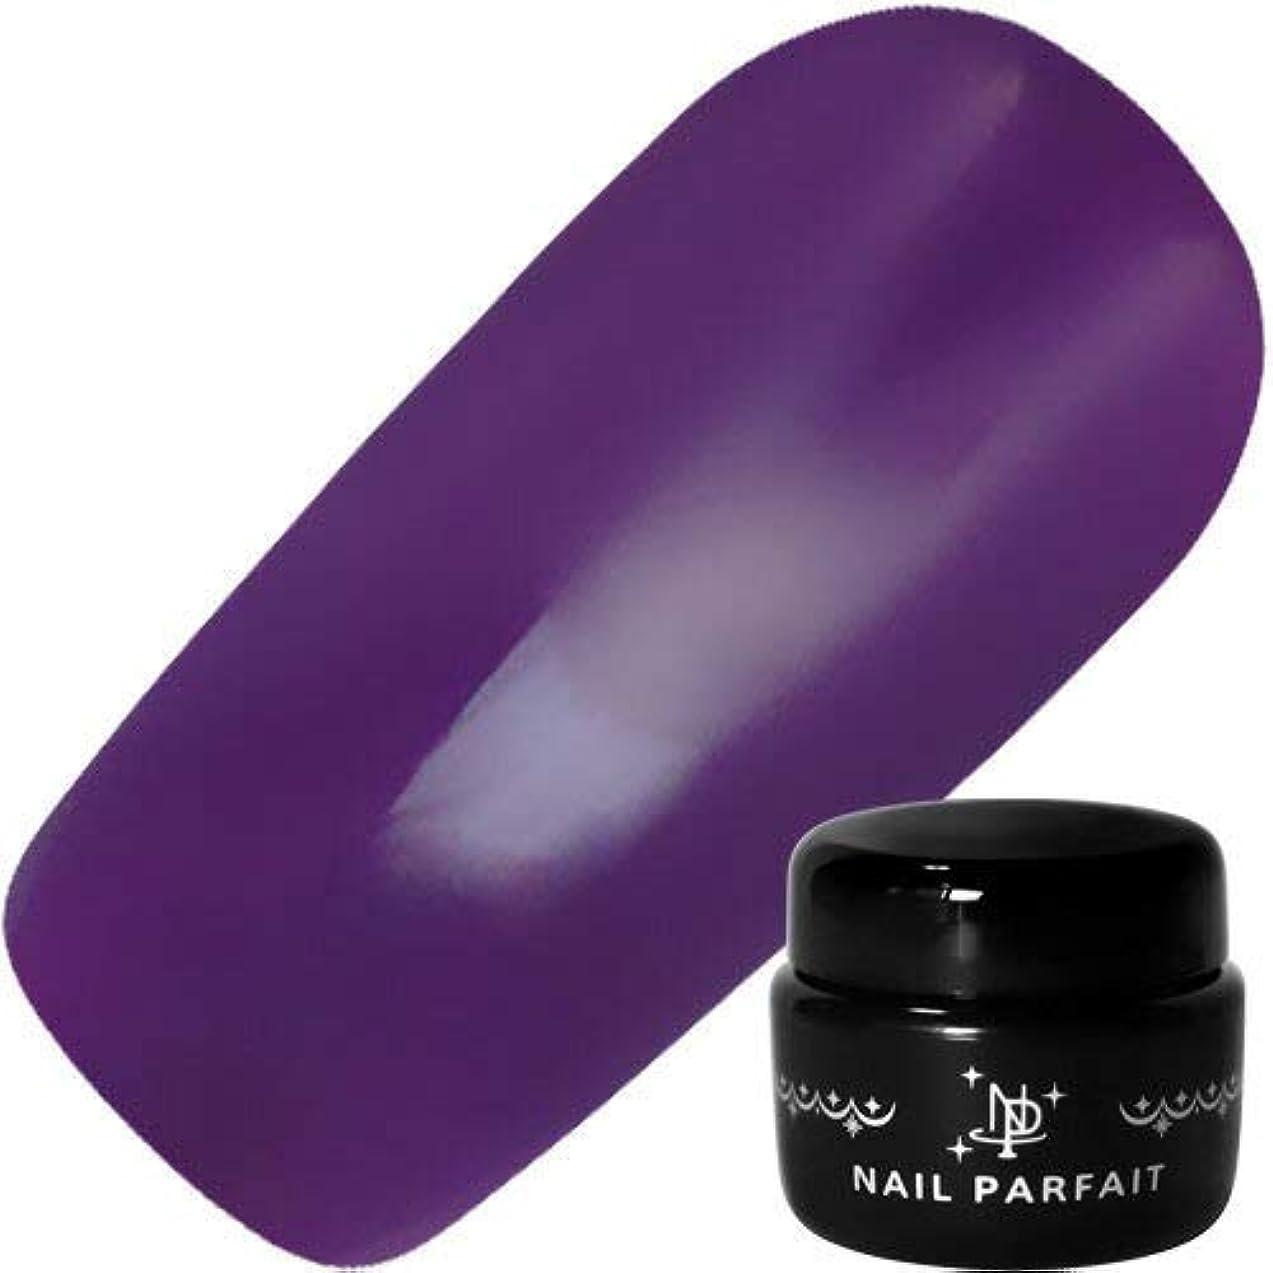 ティッシュかどうかセーターNAIL PARFAIT ネイルパフェ カラージェル A44京紫 2g 【ジェル/カラージェル?ネイル用品】